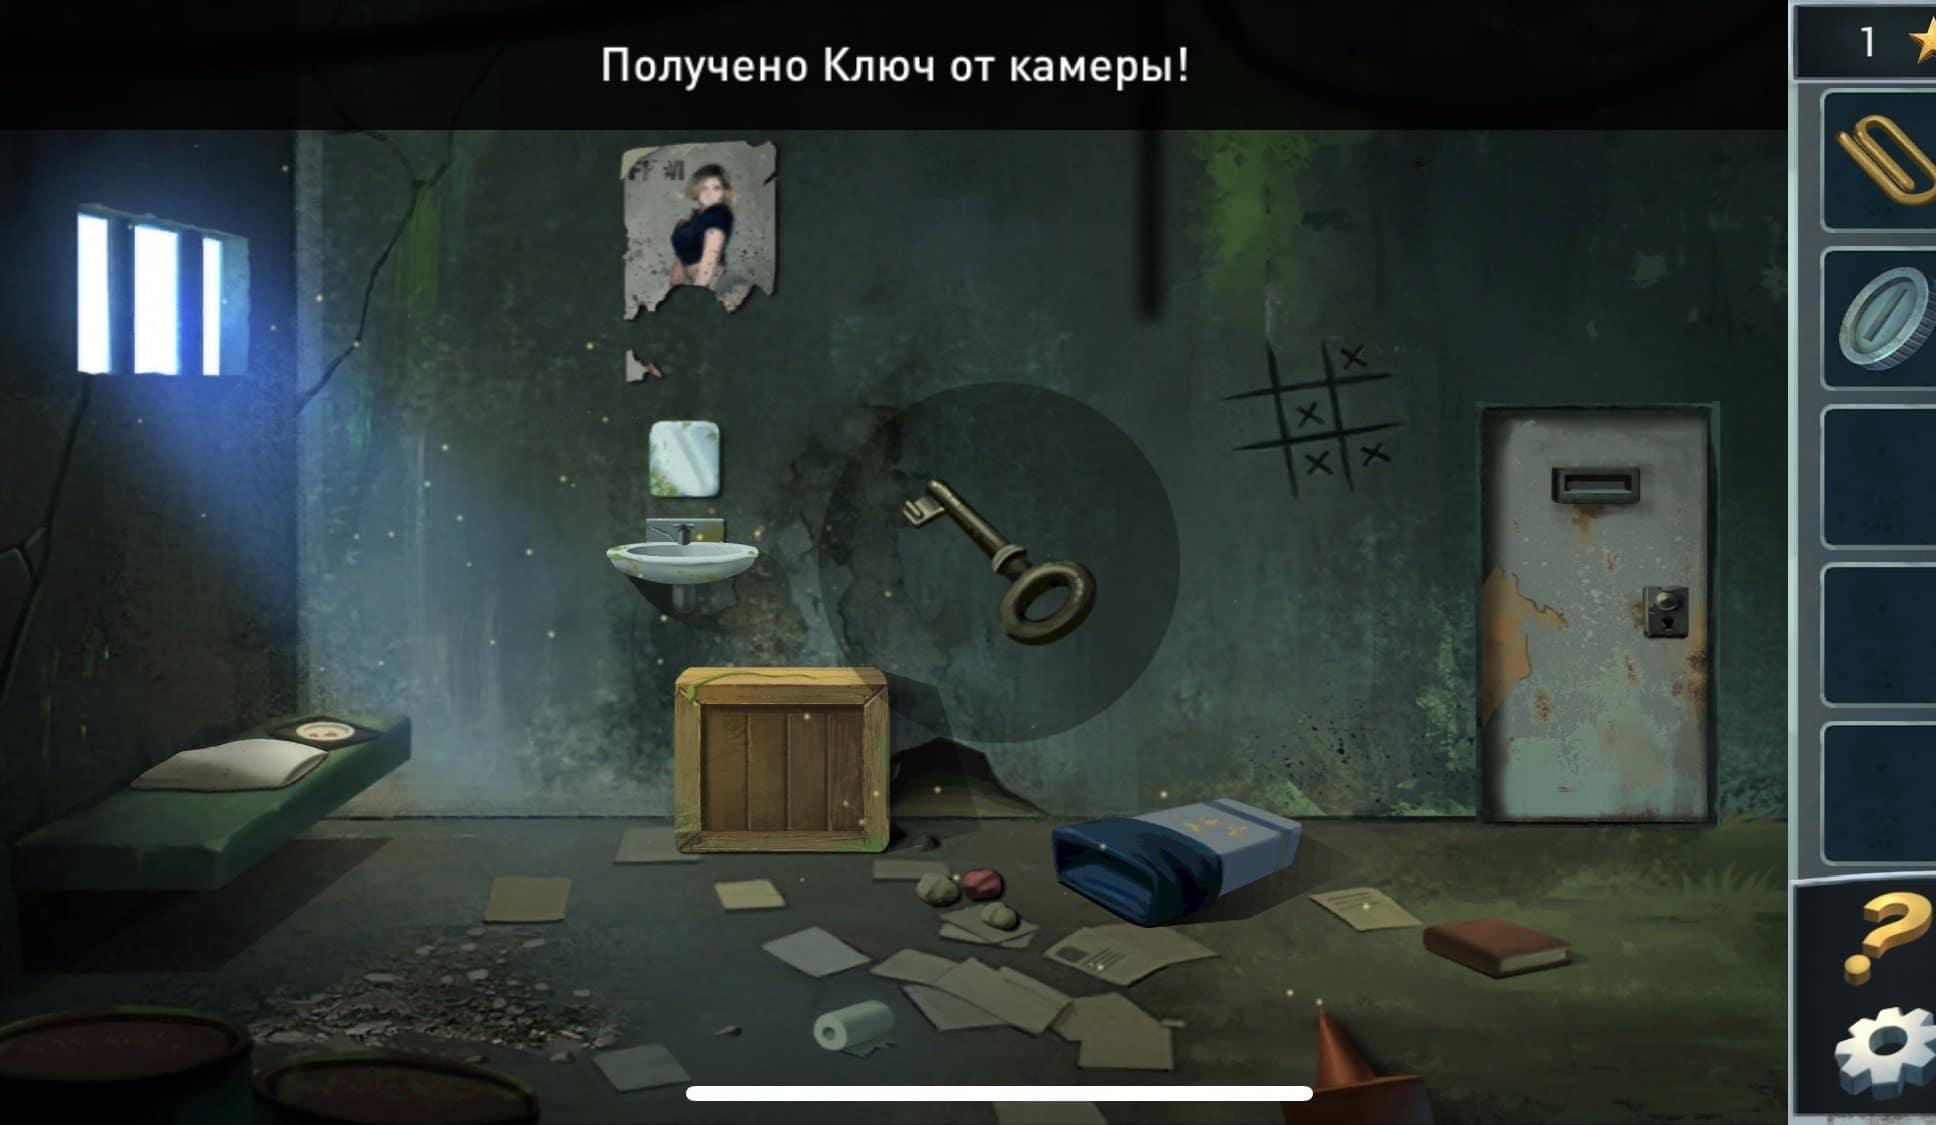 В мусорном ведре, Вы обнаружите канцелярскую скрепку, а около койки на полу увидите монету, позже эти предметы пригодятся. Около стены отодвинете ящик, там Вы найдете тайник –возьмите под матрасом пестик для колки льда и разбейте стену. В стене Вы обнаружите крюк, с помощью которого сможете достать из раковины ключ. Ключом Вы откроете дверь и попадете в тюремный коридор.